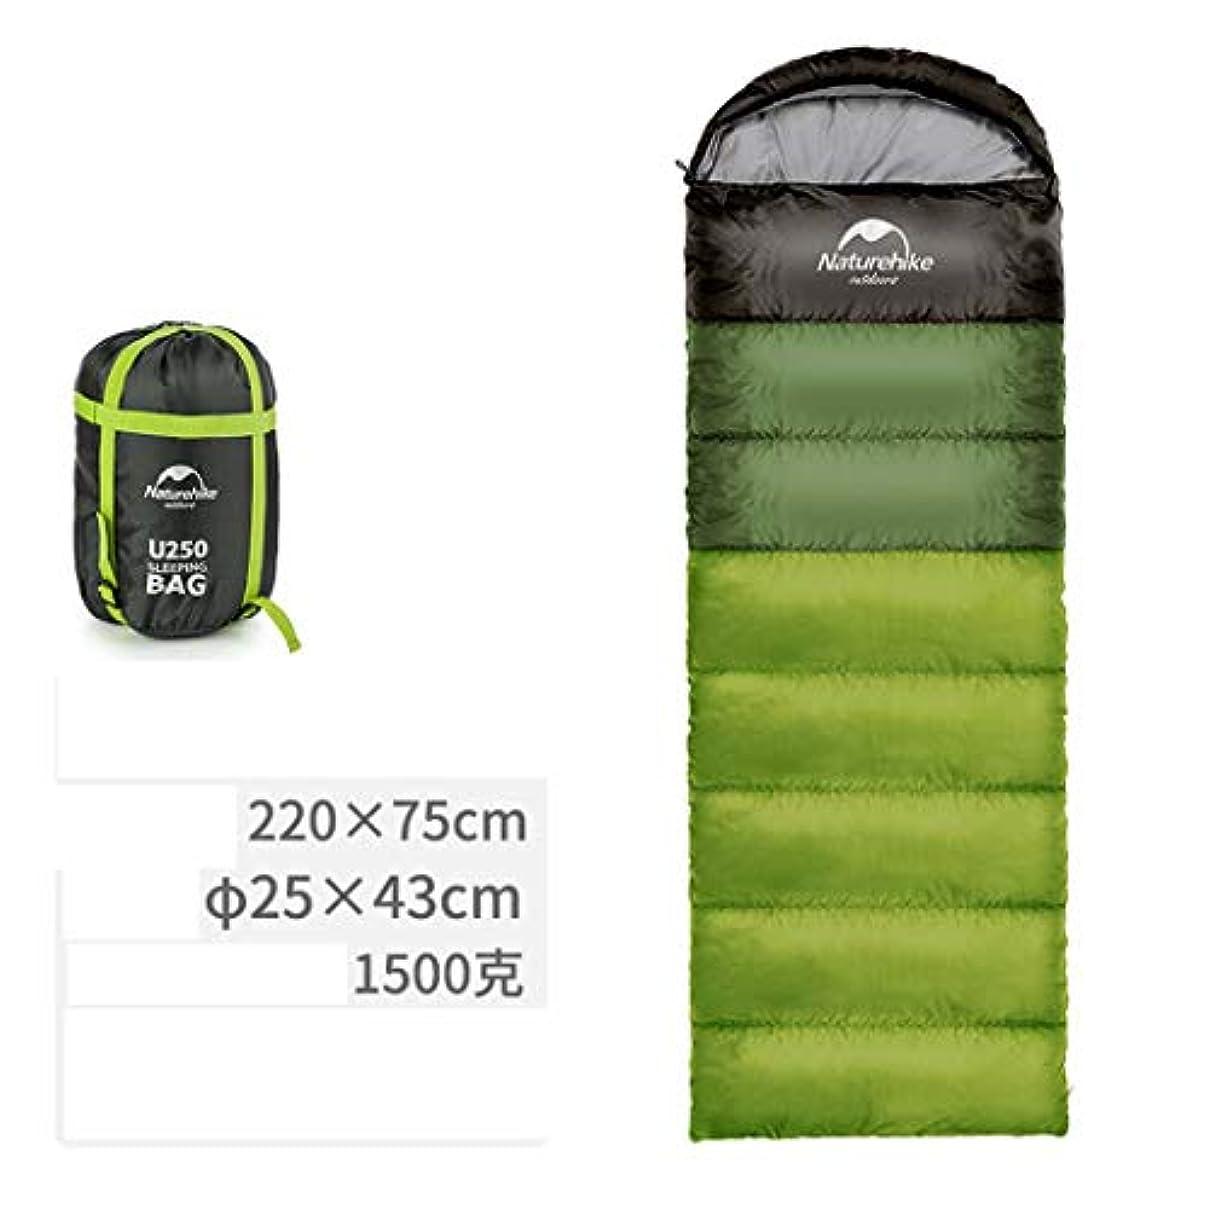 素朴なトランペットファンタジーアウトドアウルトラライト大人寝袋キャンプキャンプパーフェクト旅行のためのキャンプハイキング屋内屋外活動